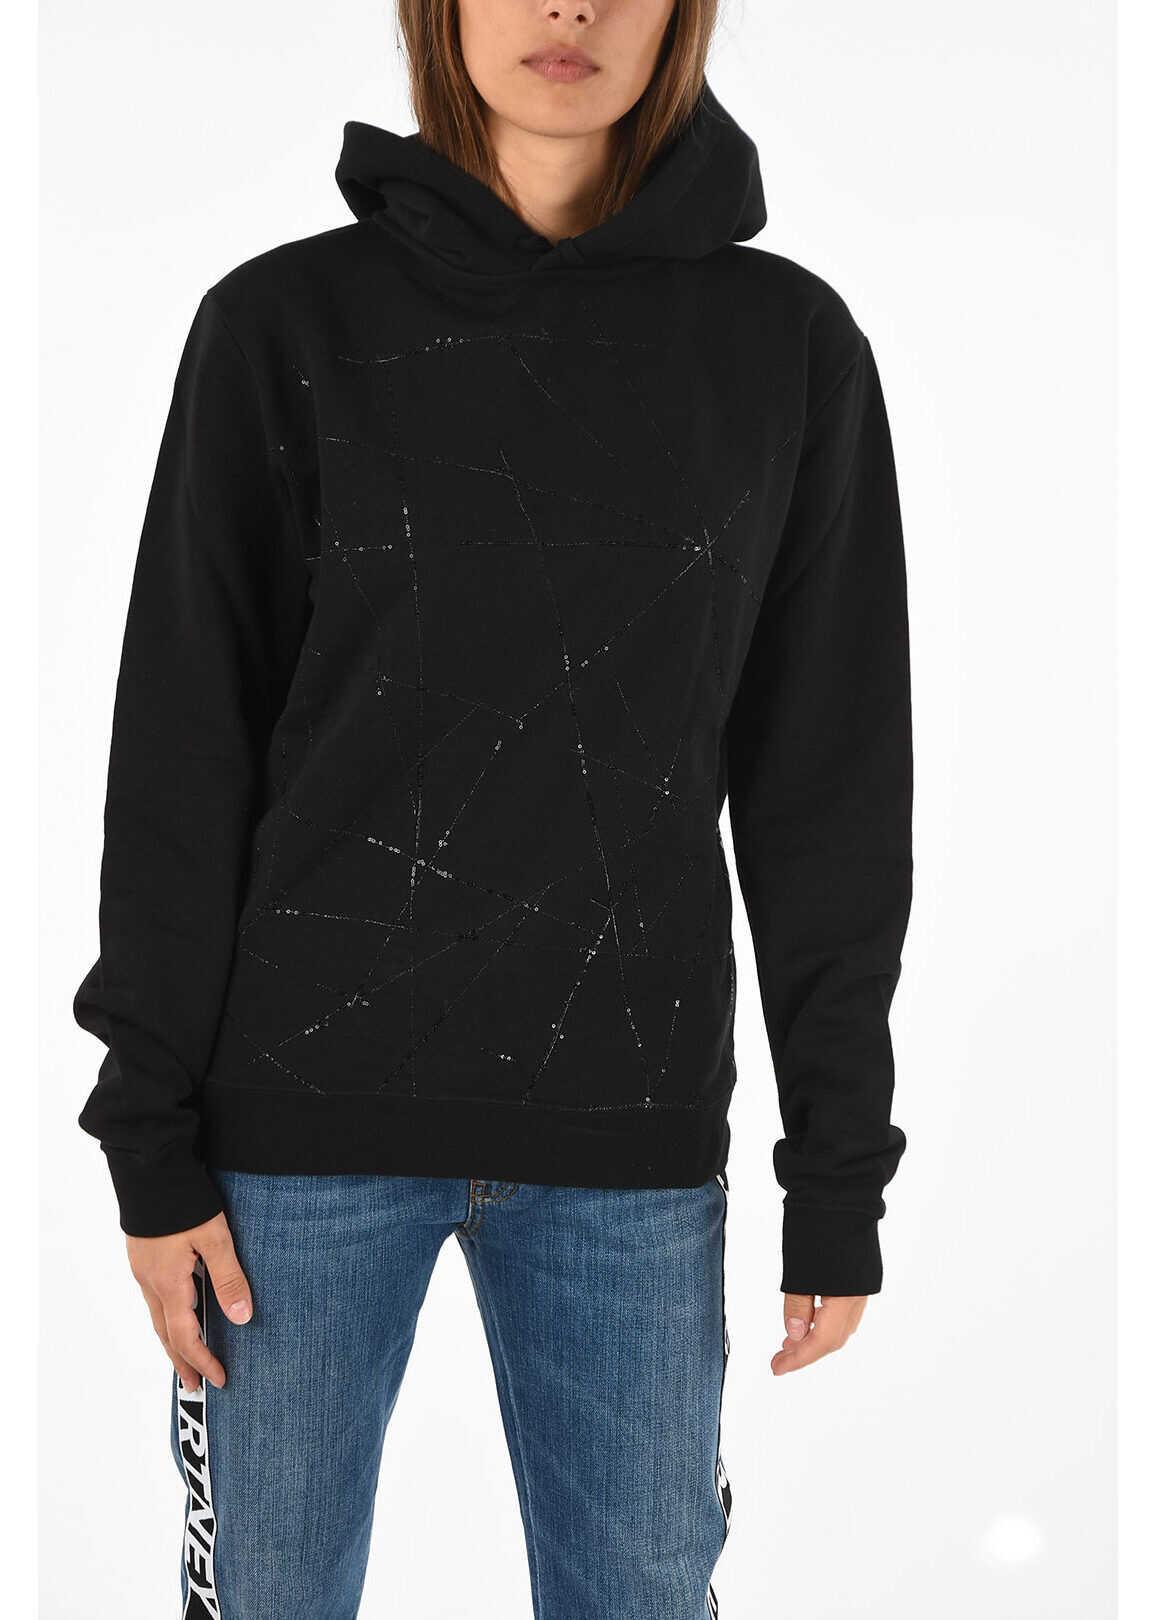 Saint Laurent Sequined Sweatshirt BLACK